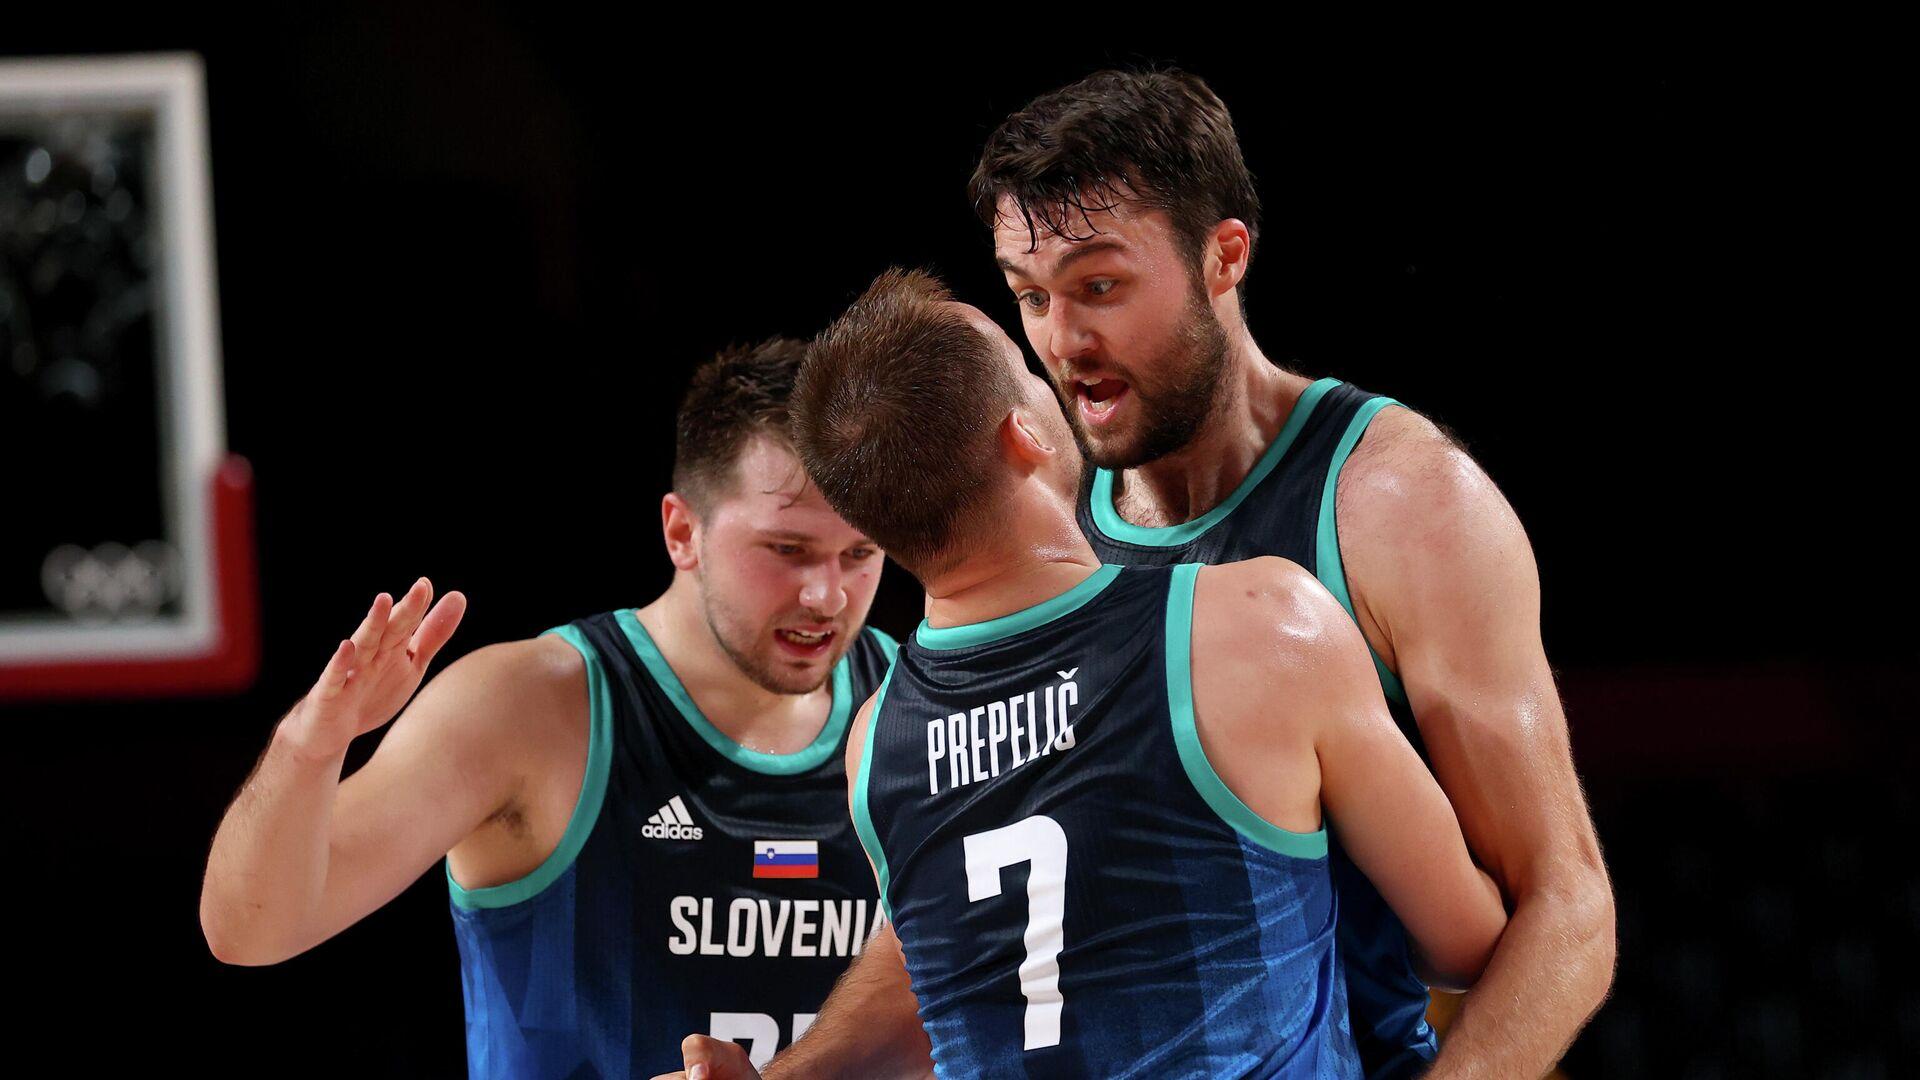 Баскетболисты сборной Словении - РИА Новости, 1920, 01.08.2021